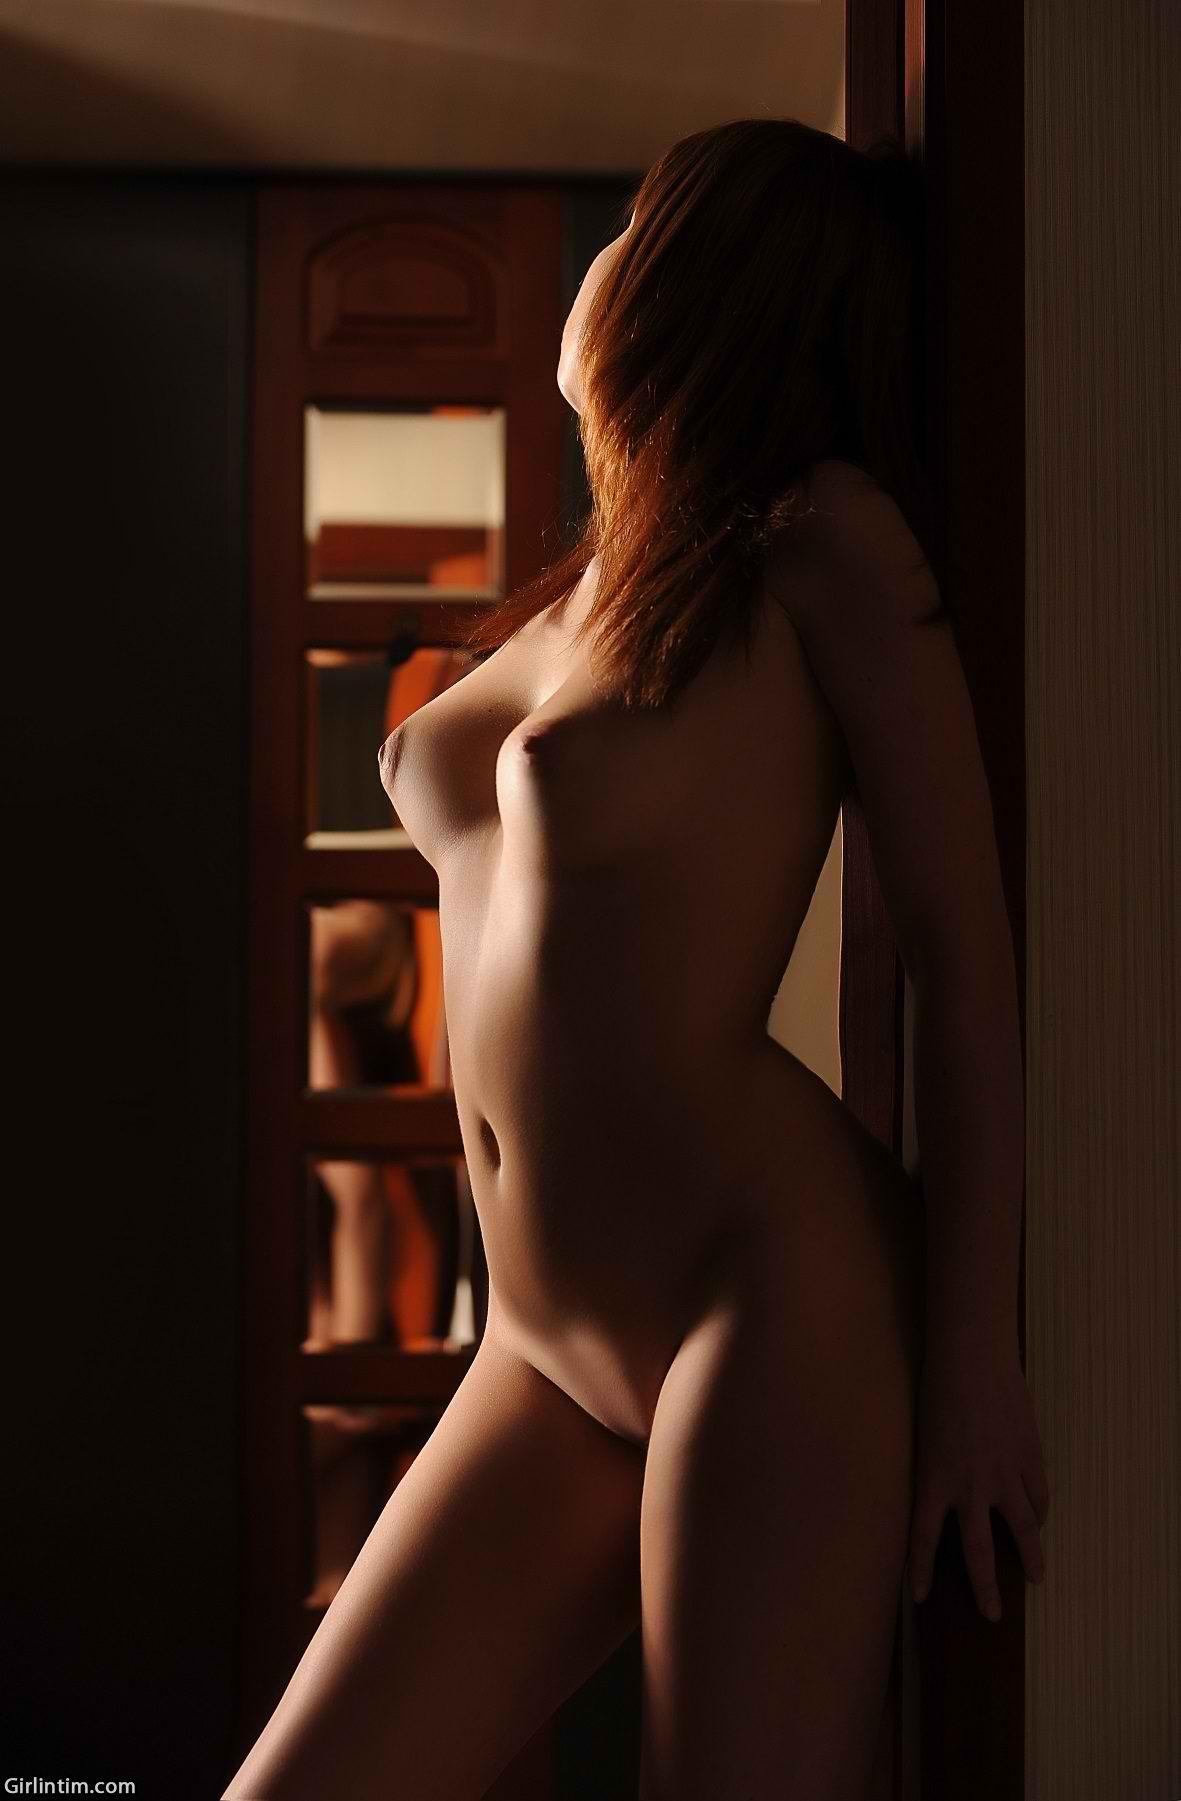 Проститутки услуги паре 28 фотография